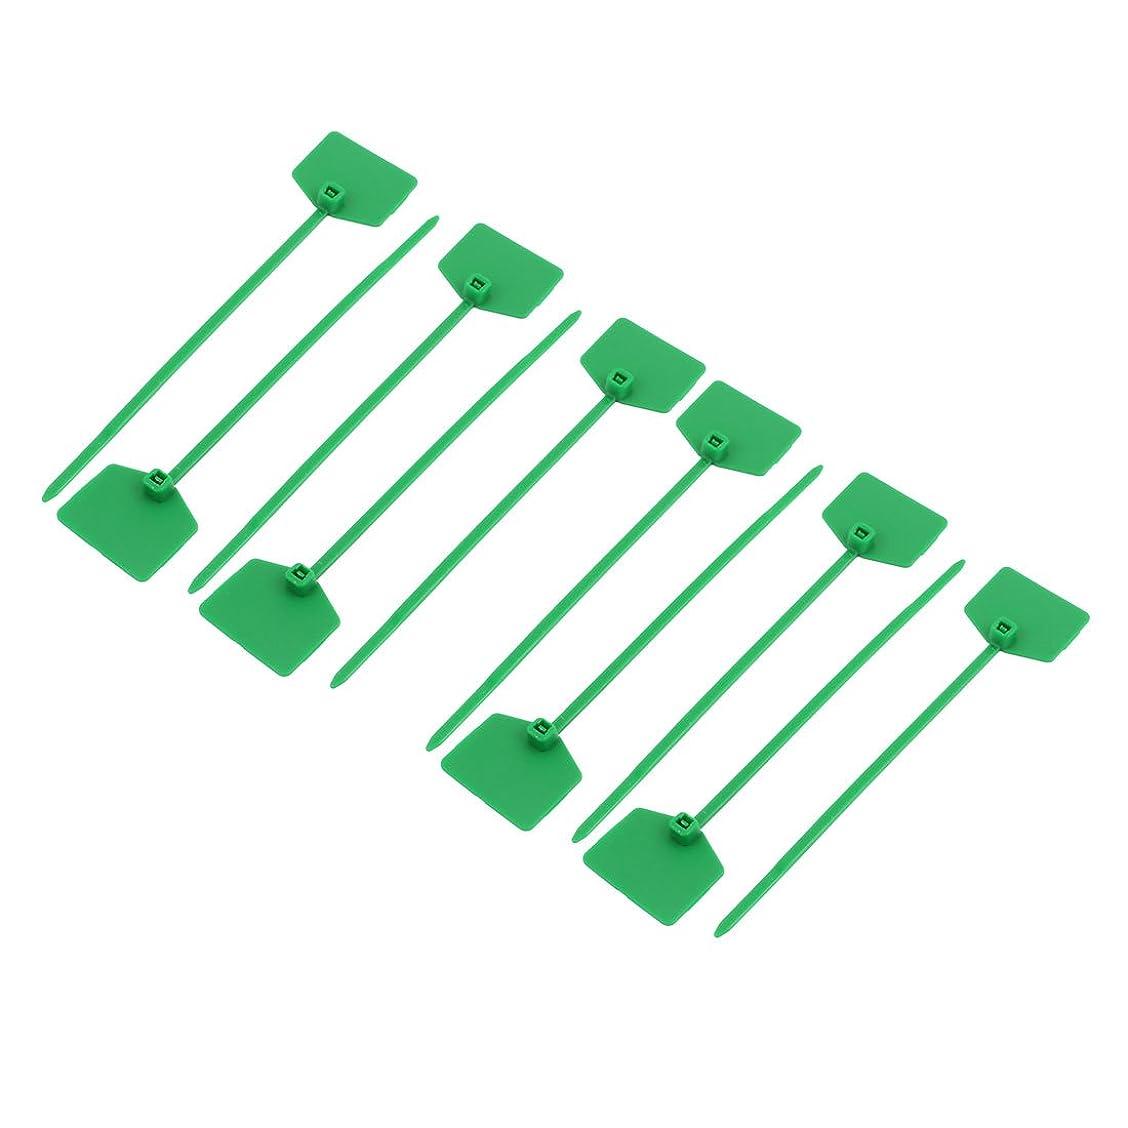 東主観的住人uxcell ケーブルタイ 3mmx120mm ナイロン セルフロックラベル マーカー コード ワイヤ ジップ グリーン3mmx12